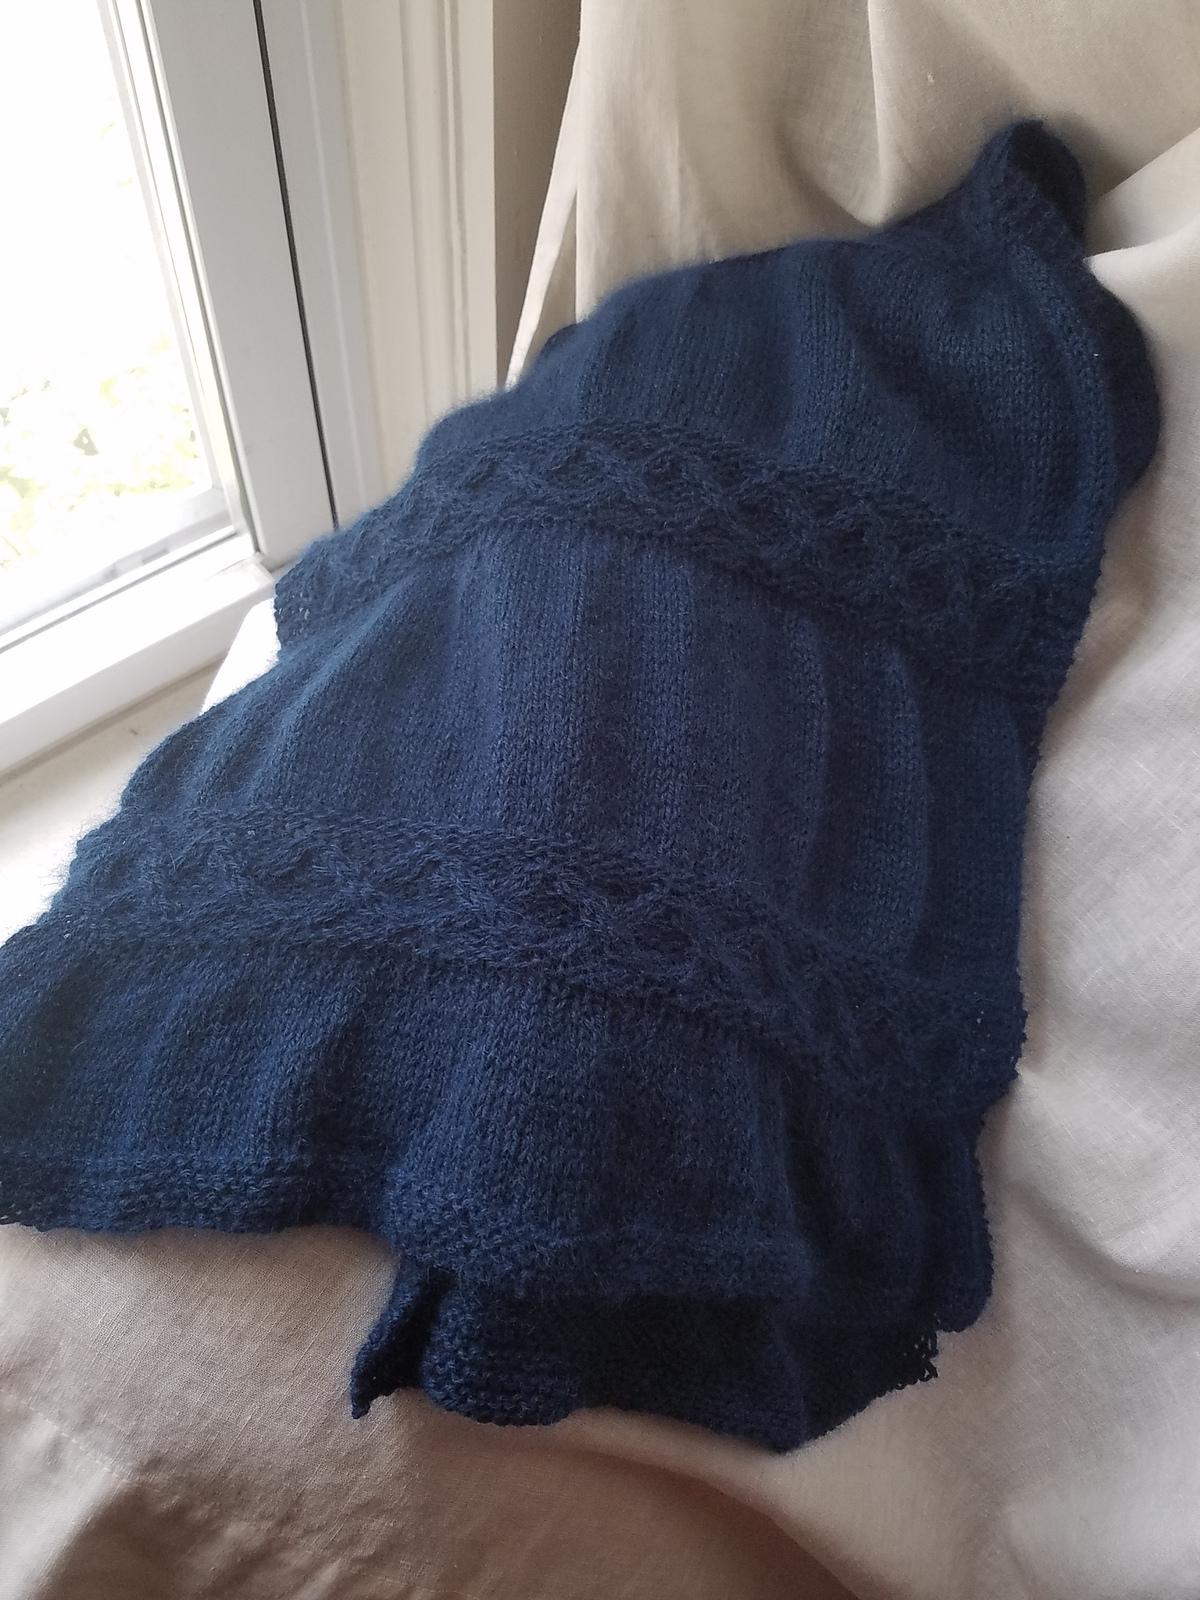 Dark blue soft scarf/shawl